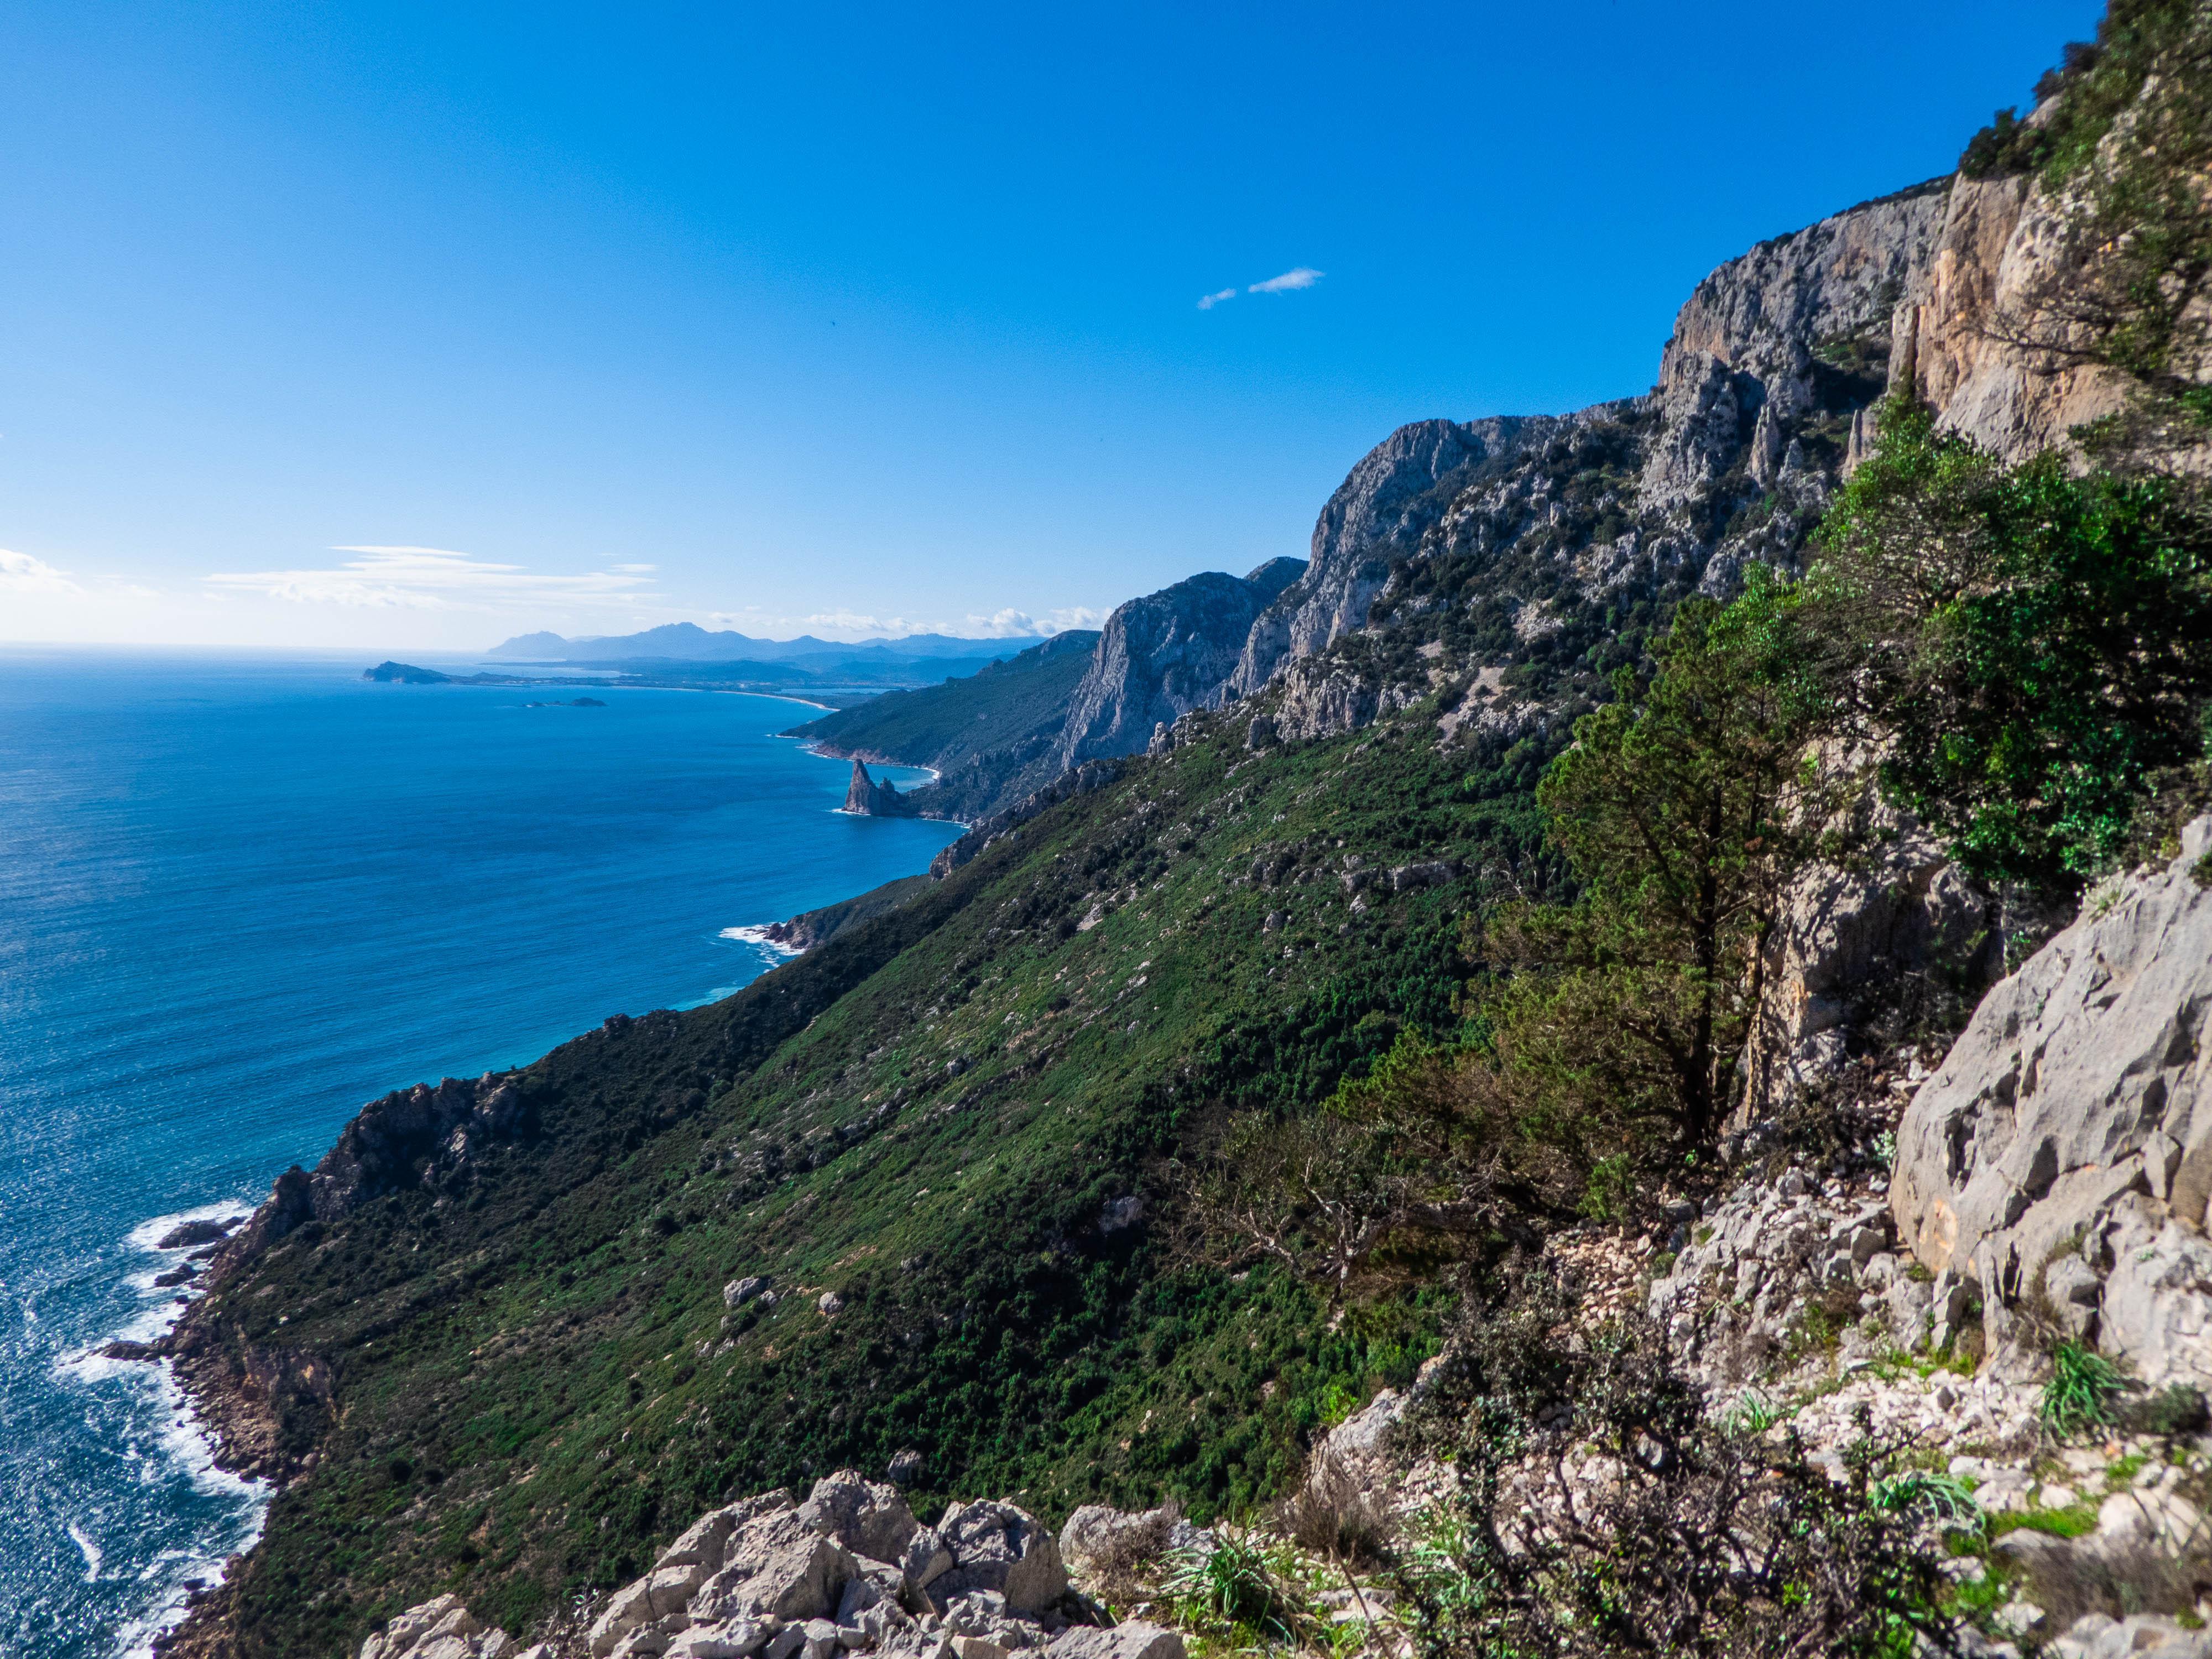 Primo giorno: guardandosi indietro si vede il punto di partenza del trekking: Pedra Longa. Un bellissimo monolite di calcare che emerge direttamente dal mare